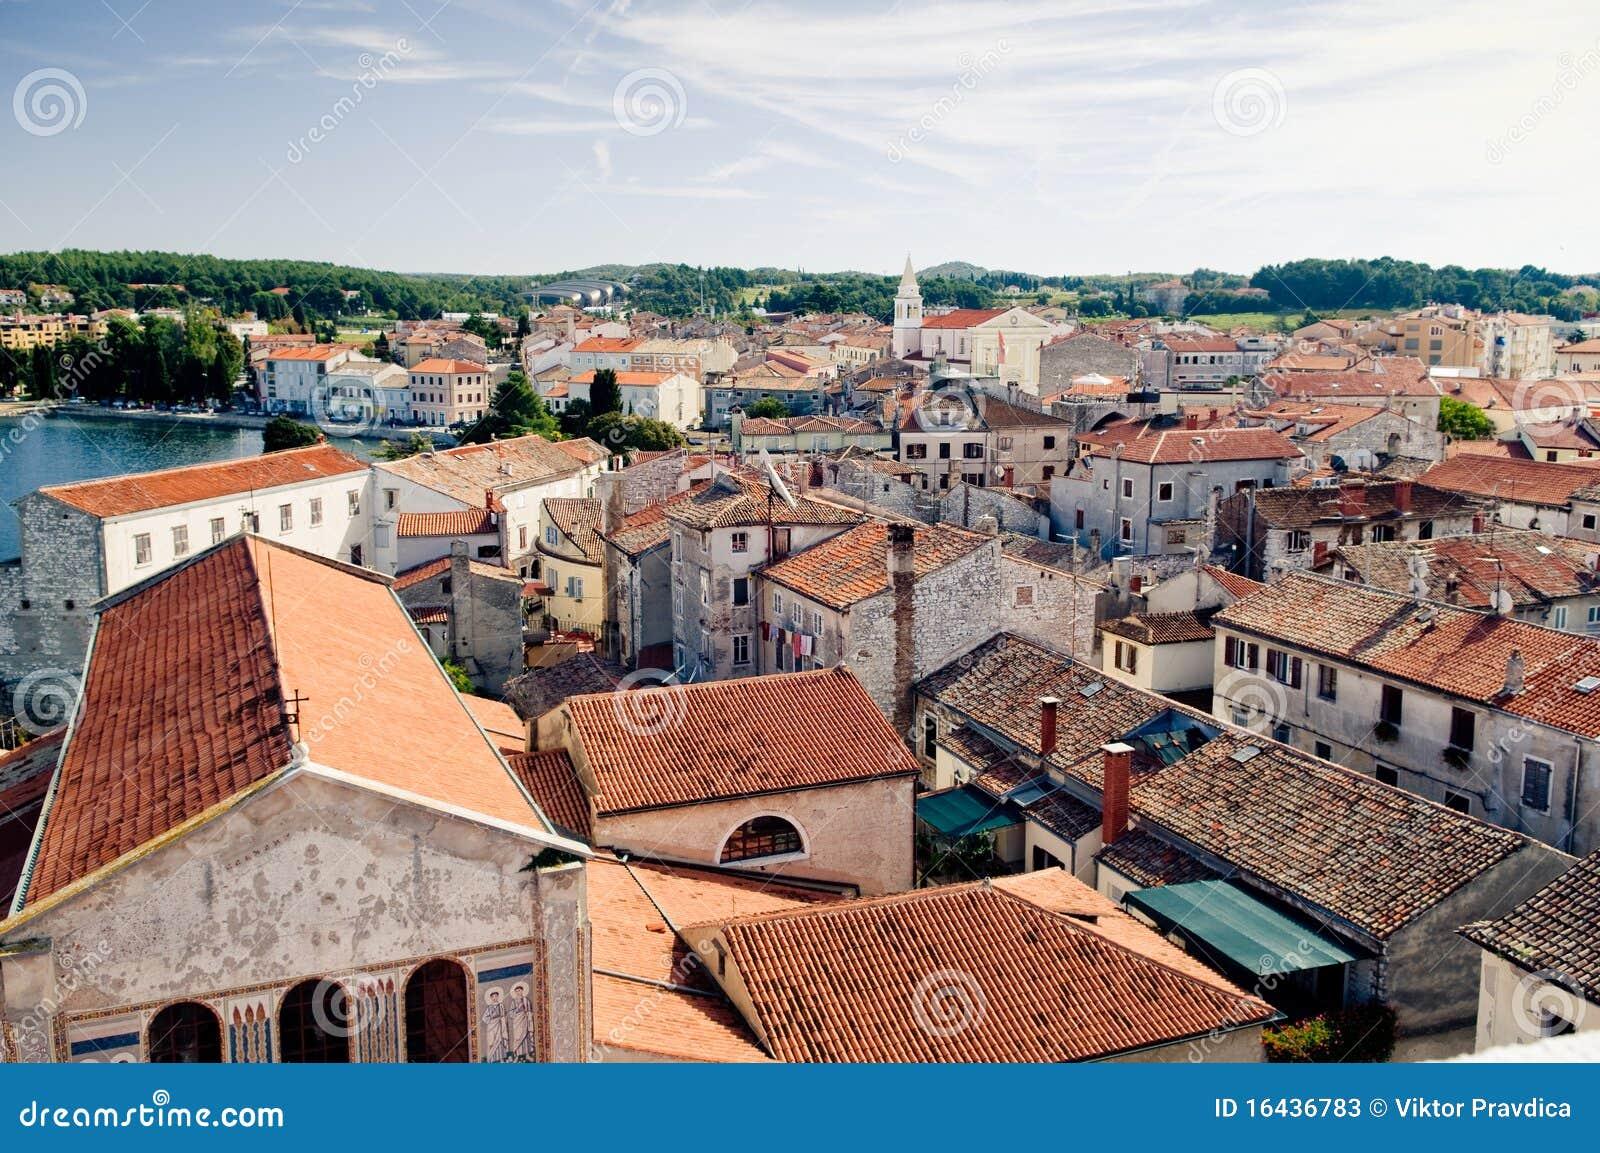 Porec, Croatia.